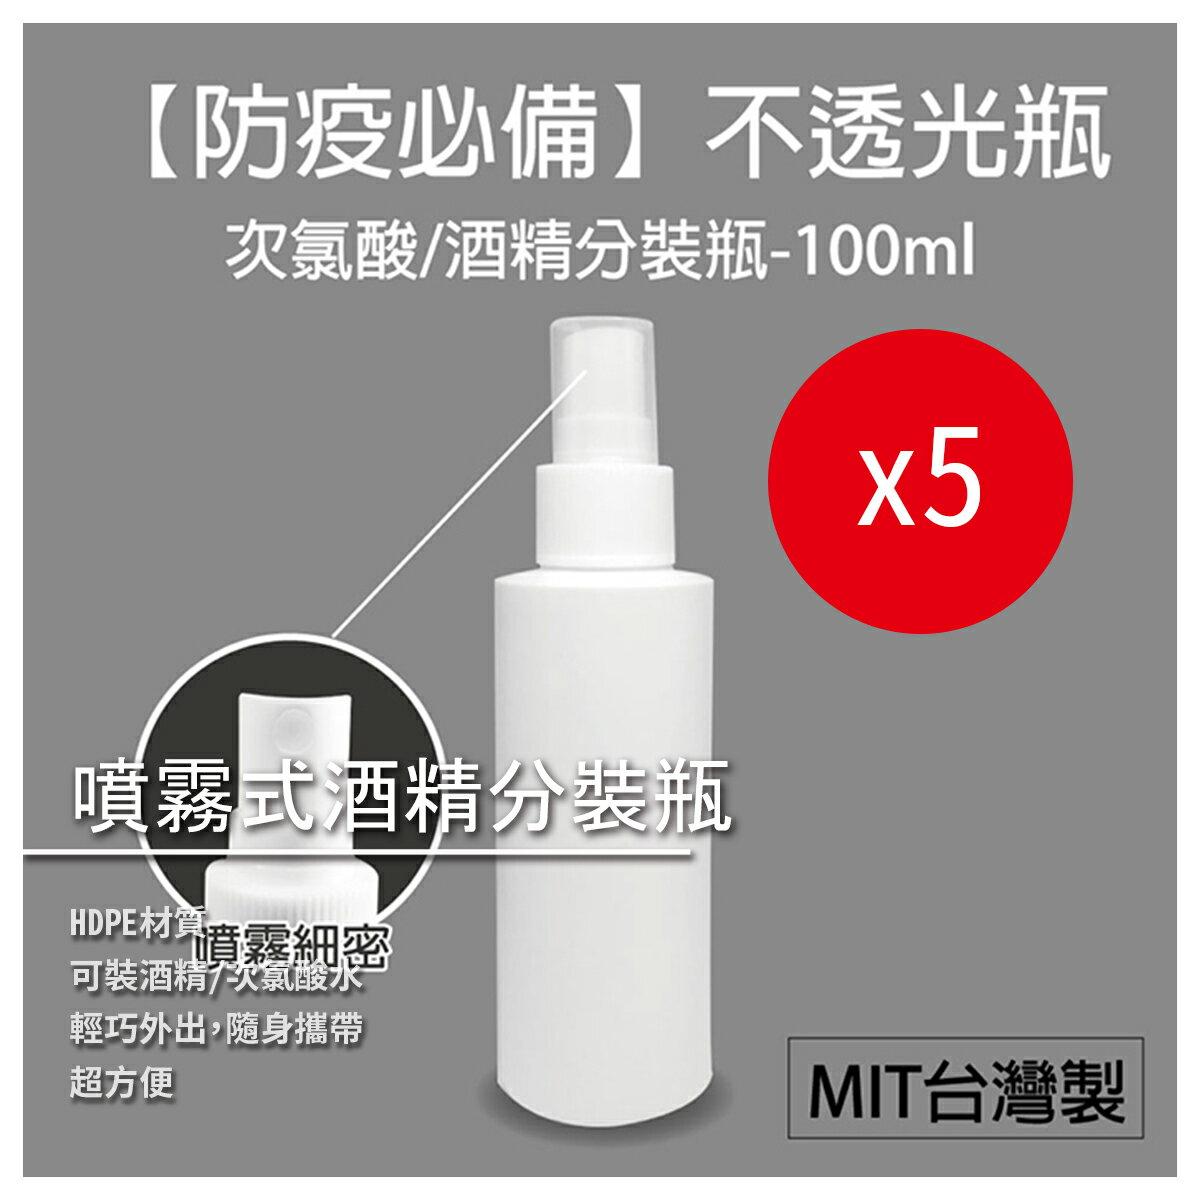 【芮楚 Raychoo】熱銷專區/HDPE材質2號噴霧式酒精分裝瓶/100ml/5入組